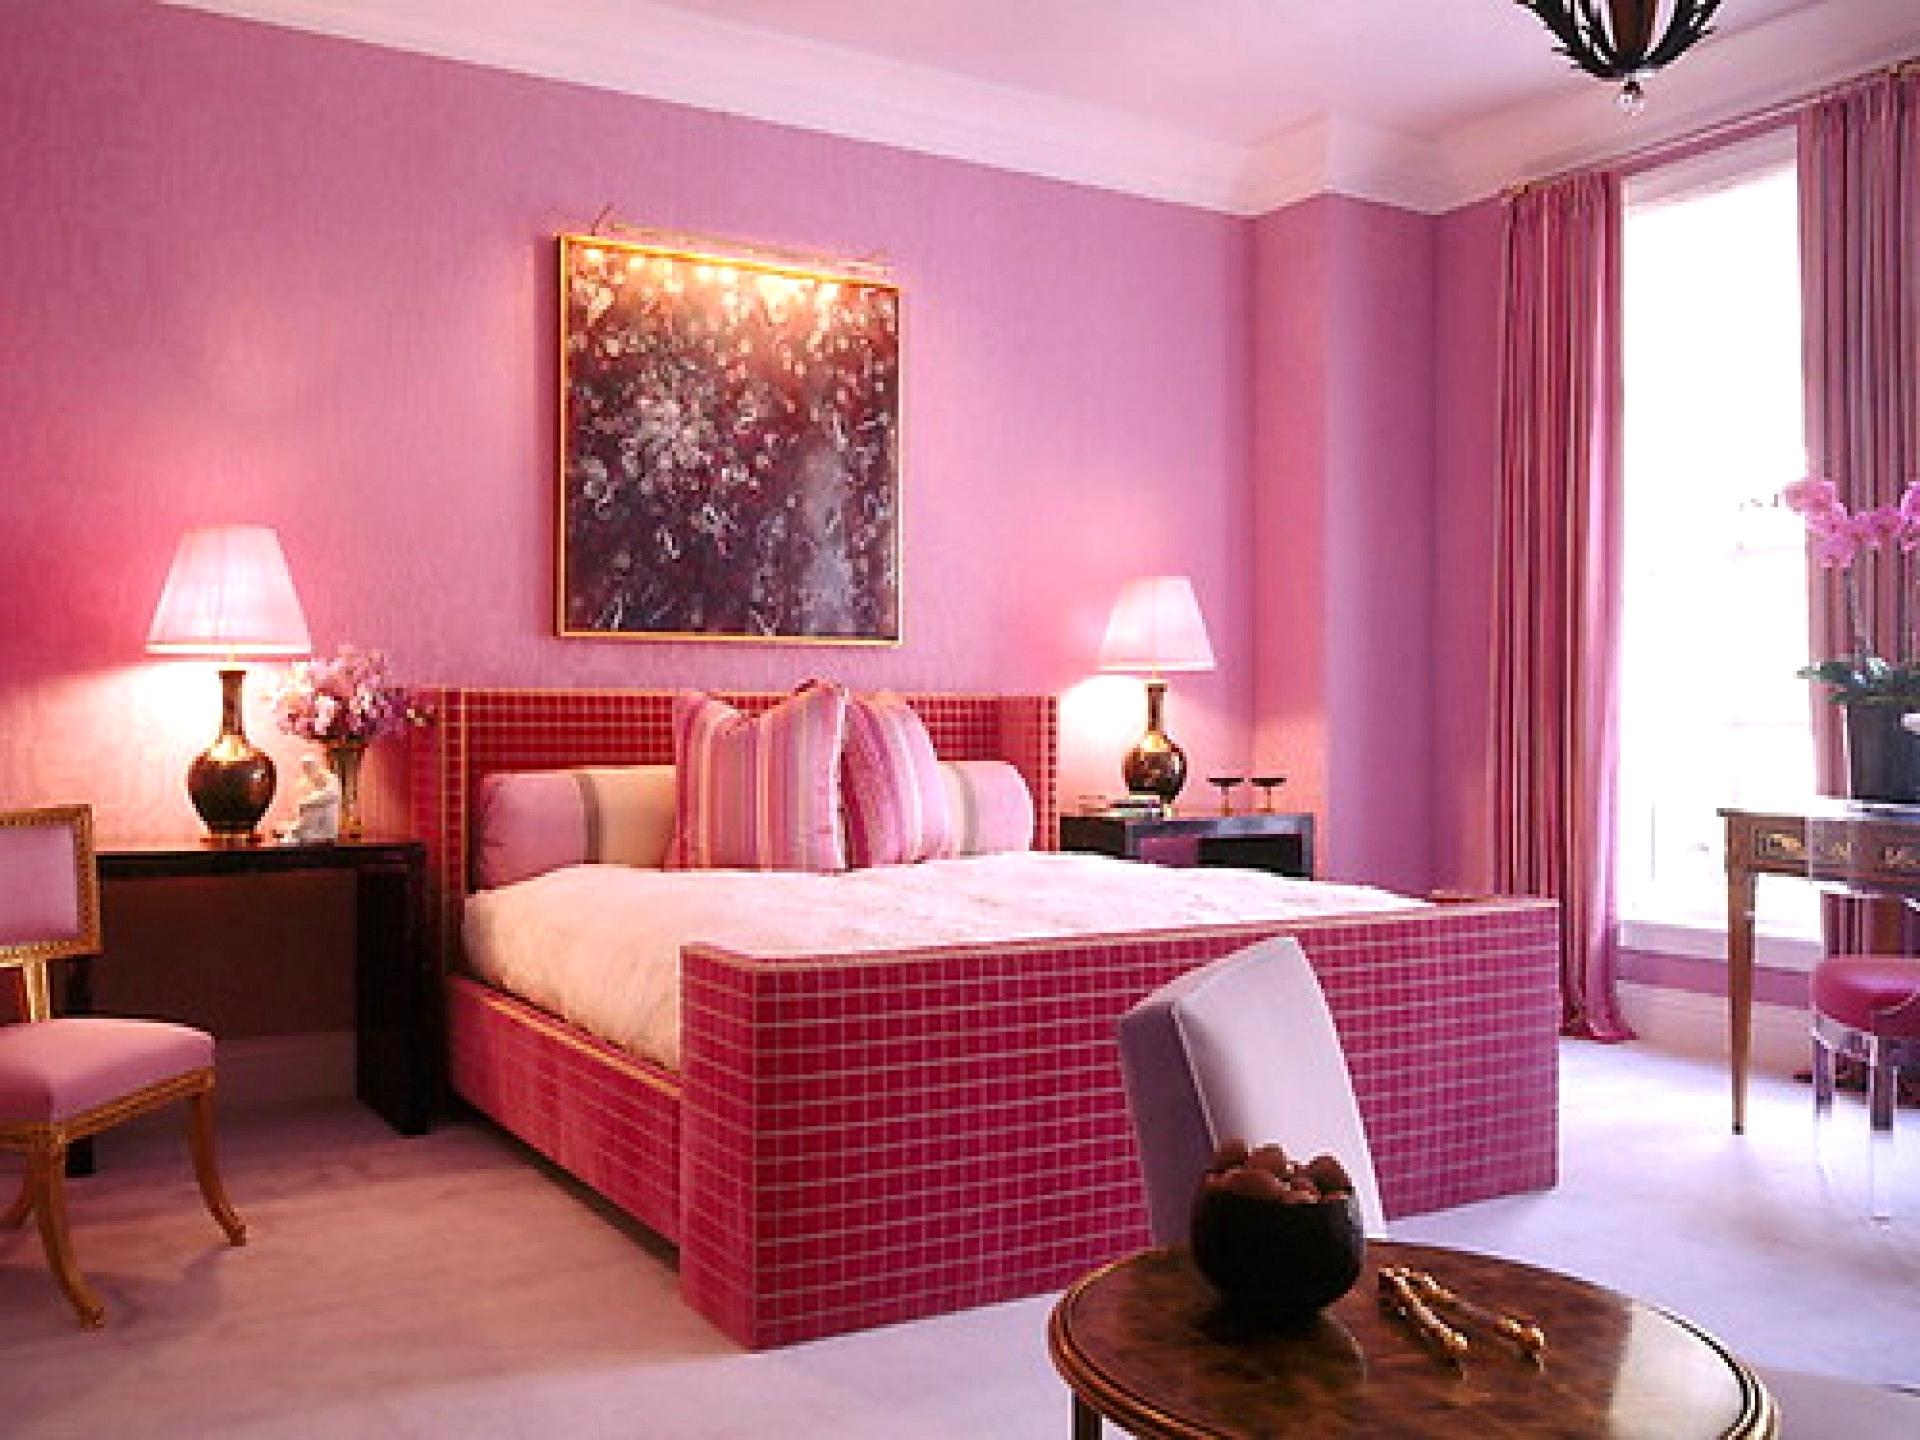 17 ترکیب رنگ کامل و جذاب برای اتاق های مختلف خانه